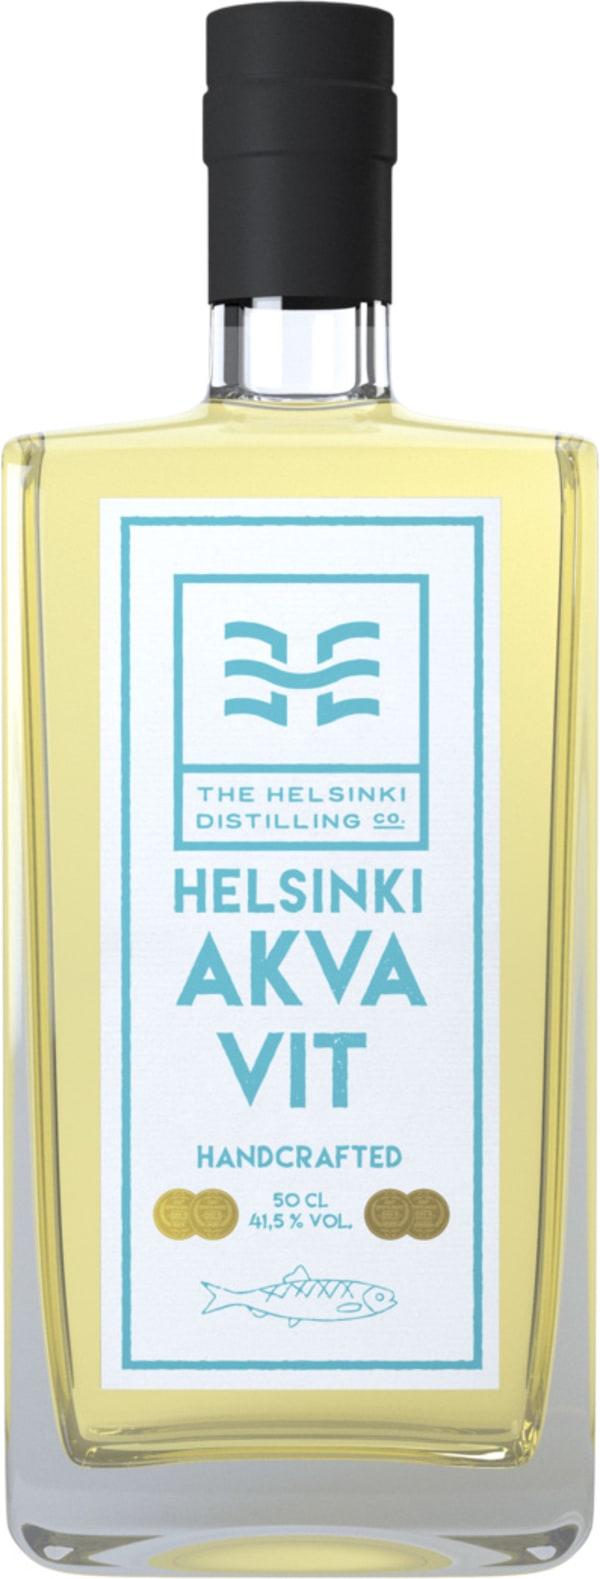 The Helsinki Distilling Helsingfors Fiskehamns Akvavit